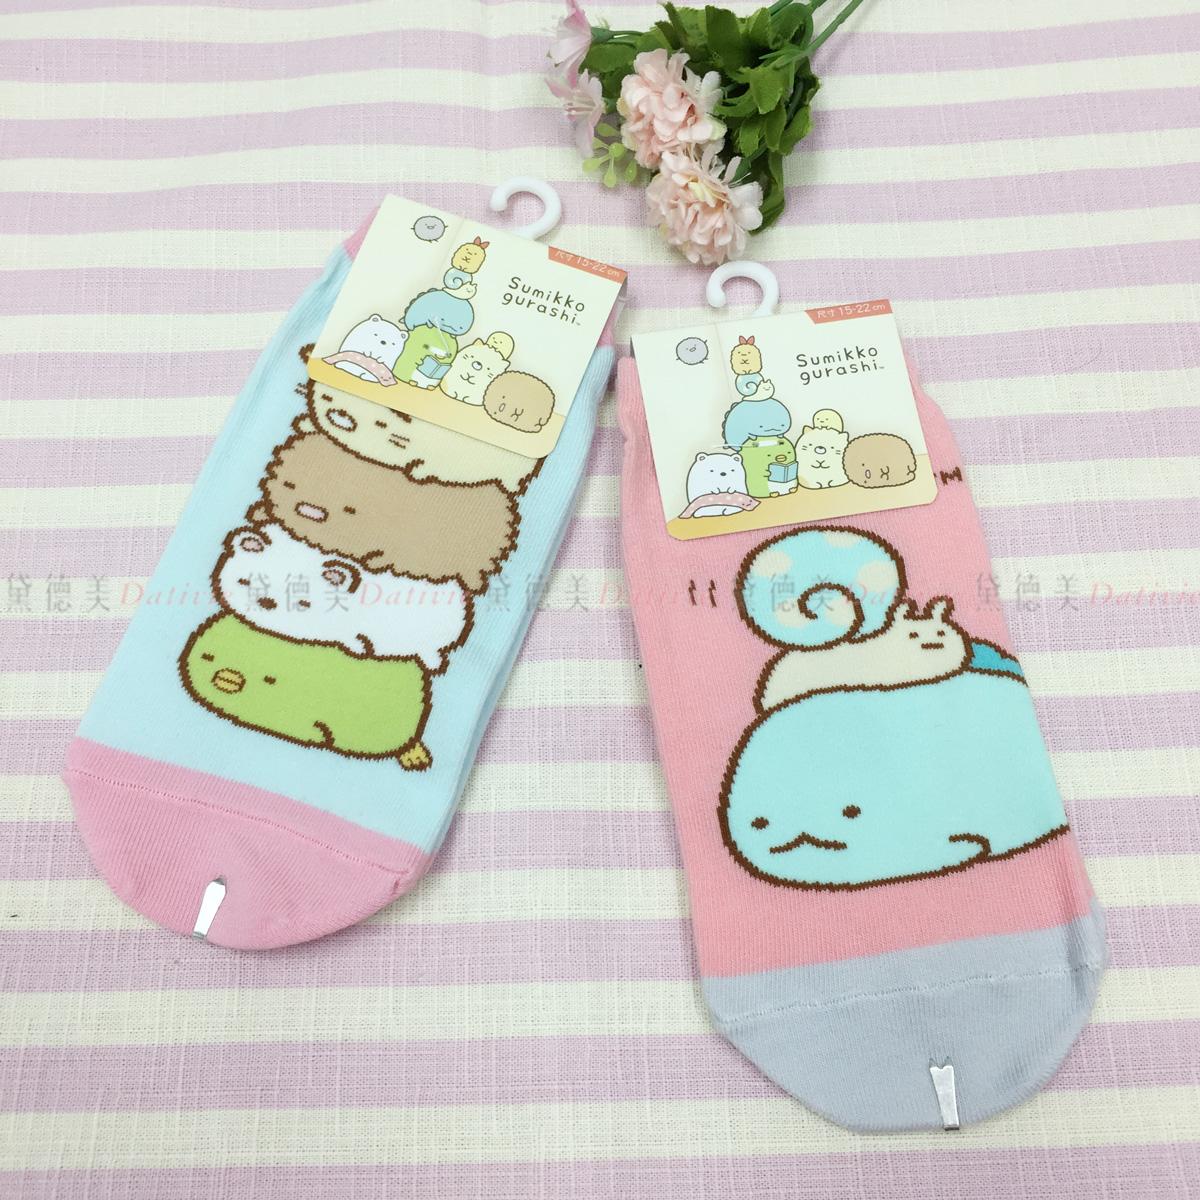 角落小夥伴直版襪 san-x 角落生物 15-22cm 襪子 正版授權